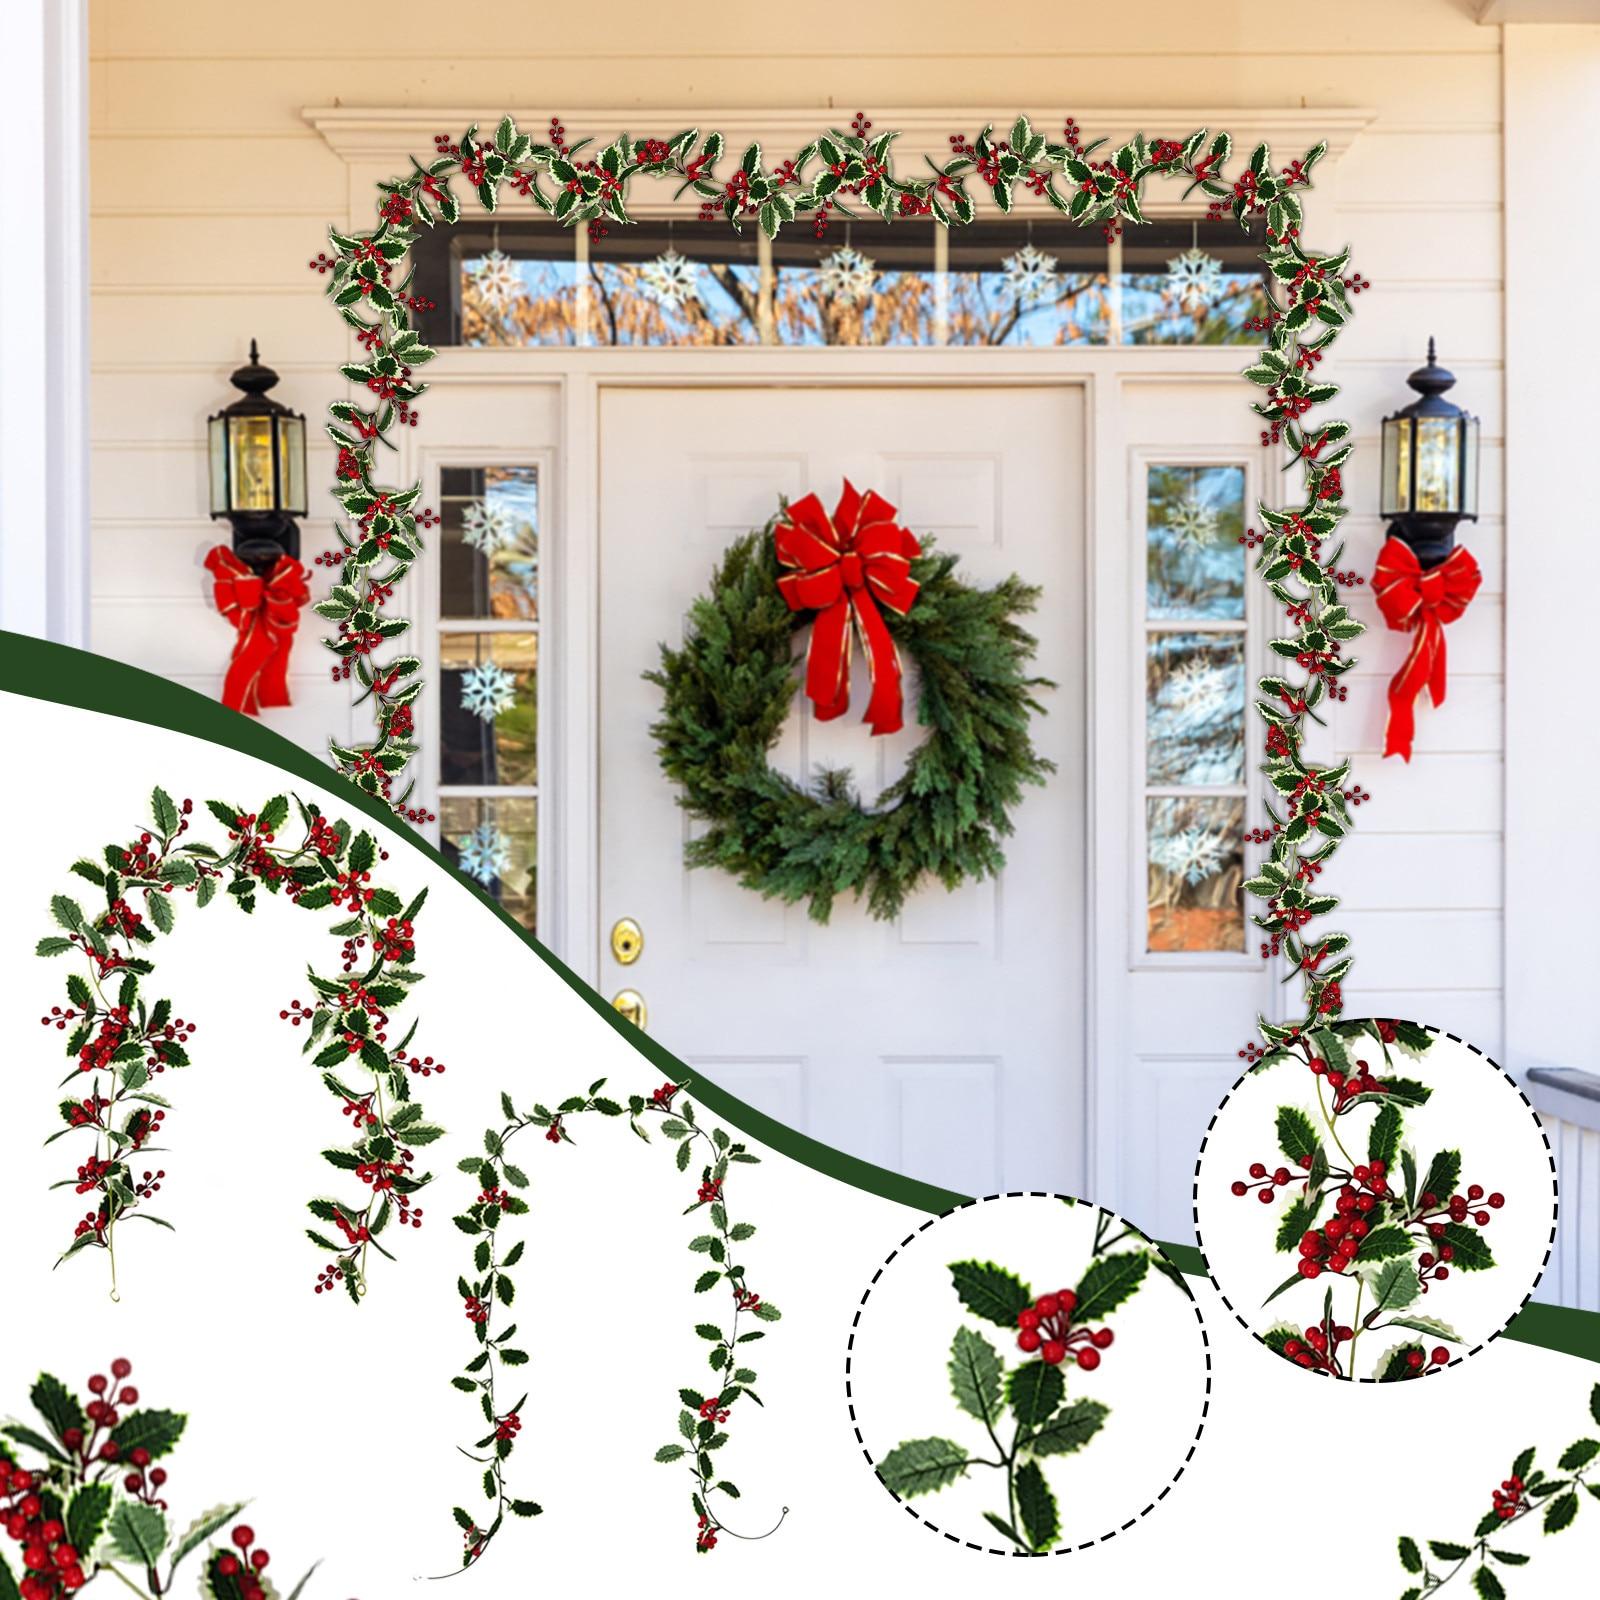 Guirnalda navideña de bayas rojas Para decoración de Casa y Navidad, Flexible,...